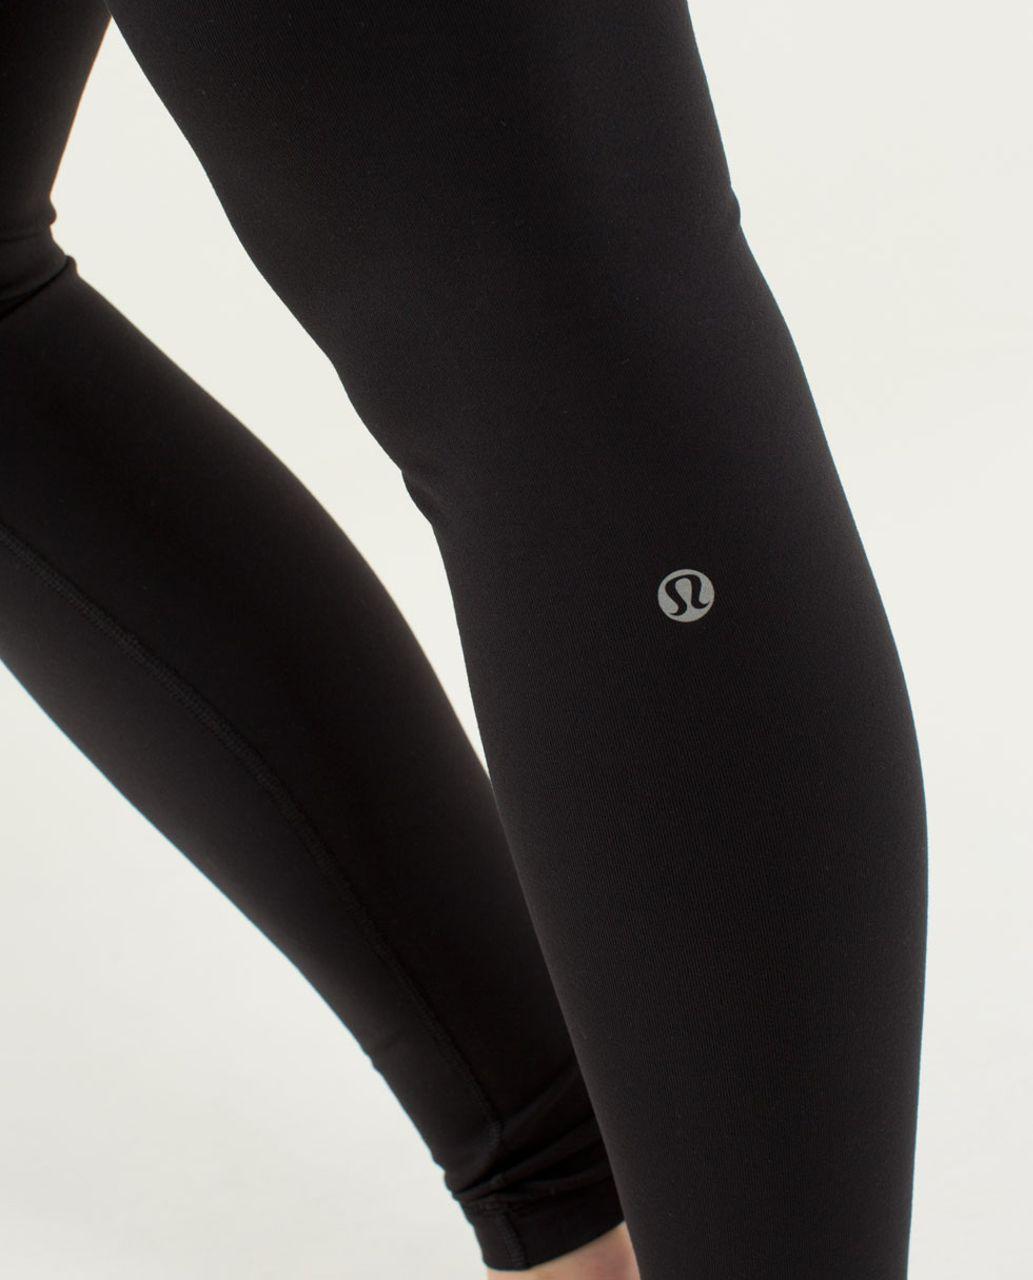 Lululemon Wunder Under Pant *Full-On Luon - Black / Quilt Winter 13-04